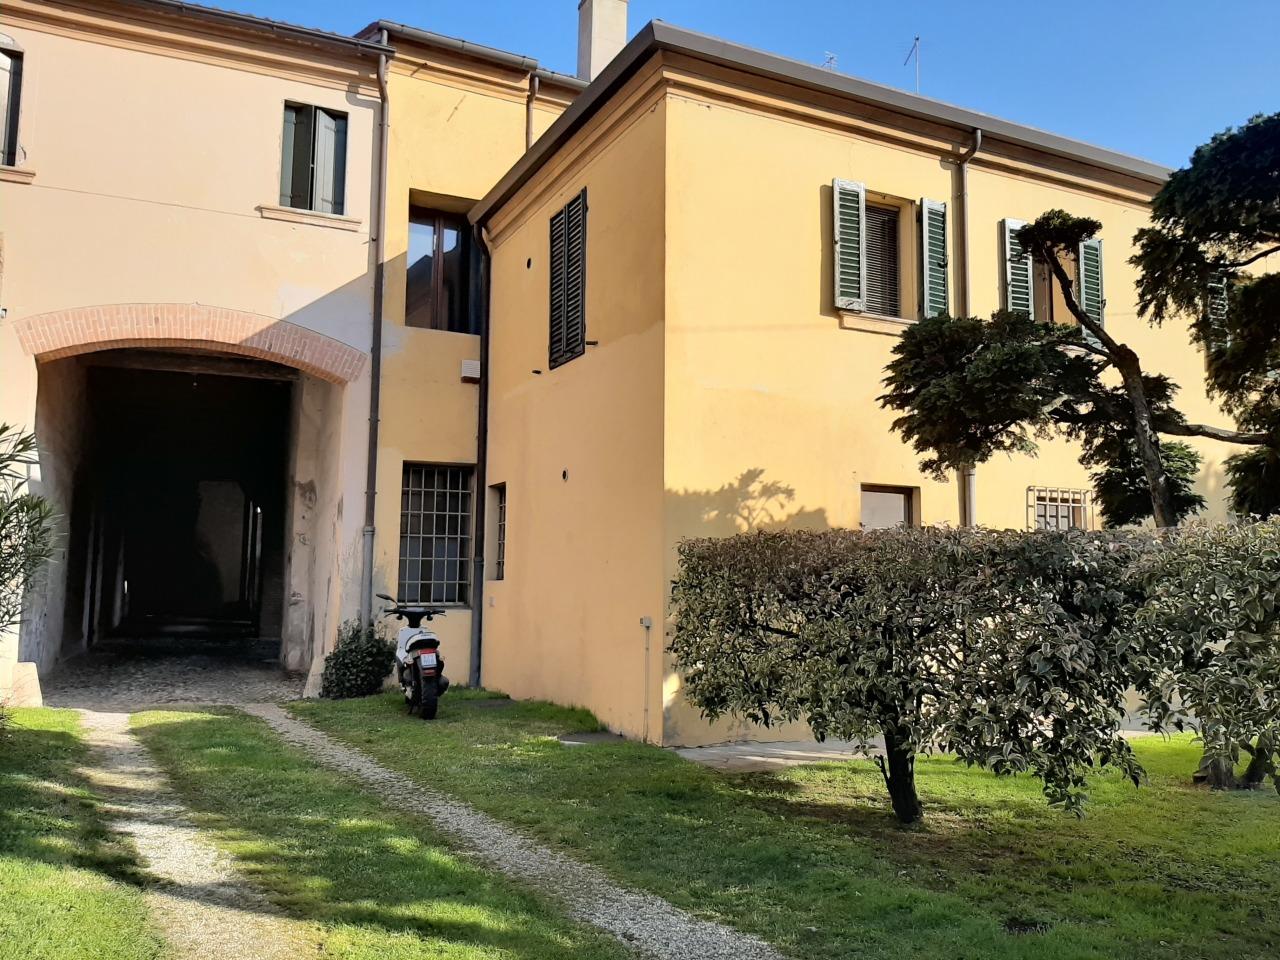 Appartamento in vendita a Lendinara, 3 locali, prezzo € 80.000 | PortaleAgenzieImmobiliari.it